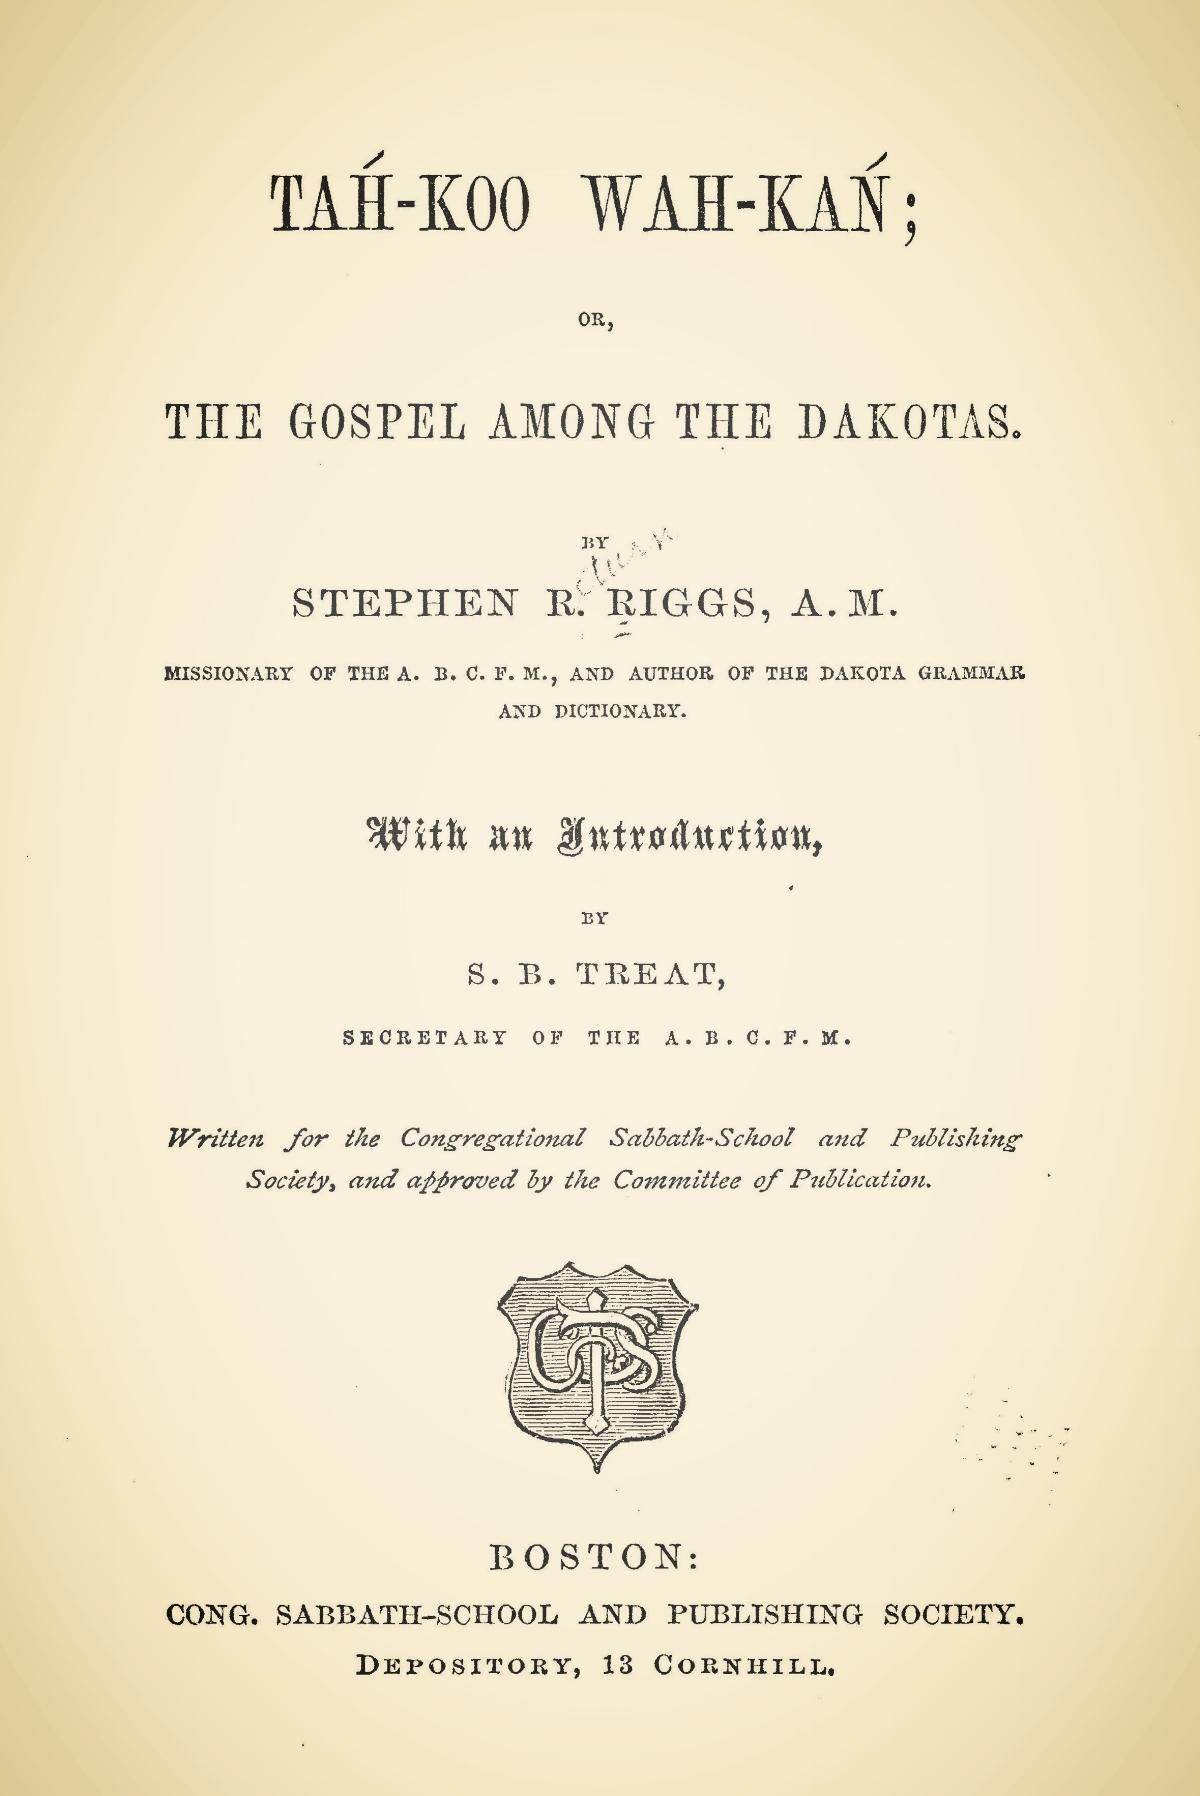 Riggs, Stephen Return, Tah-Koo Wah-Kan; or, The Gospel Among the Dakotas Title Page.jpg